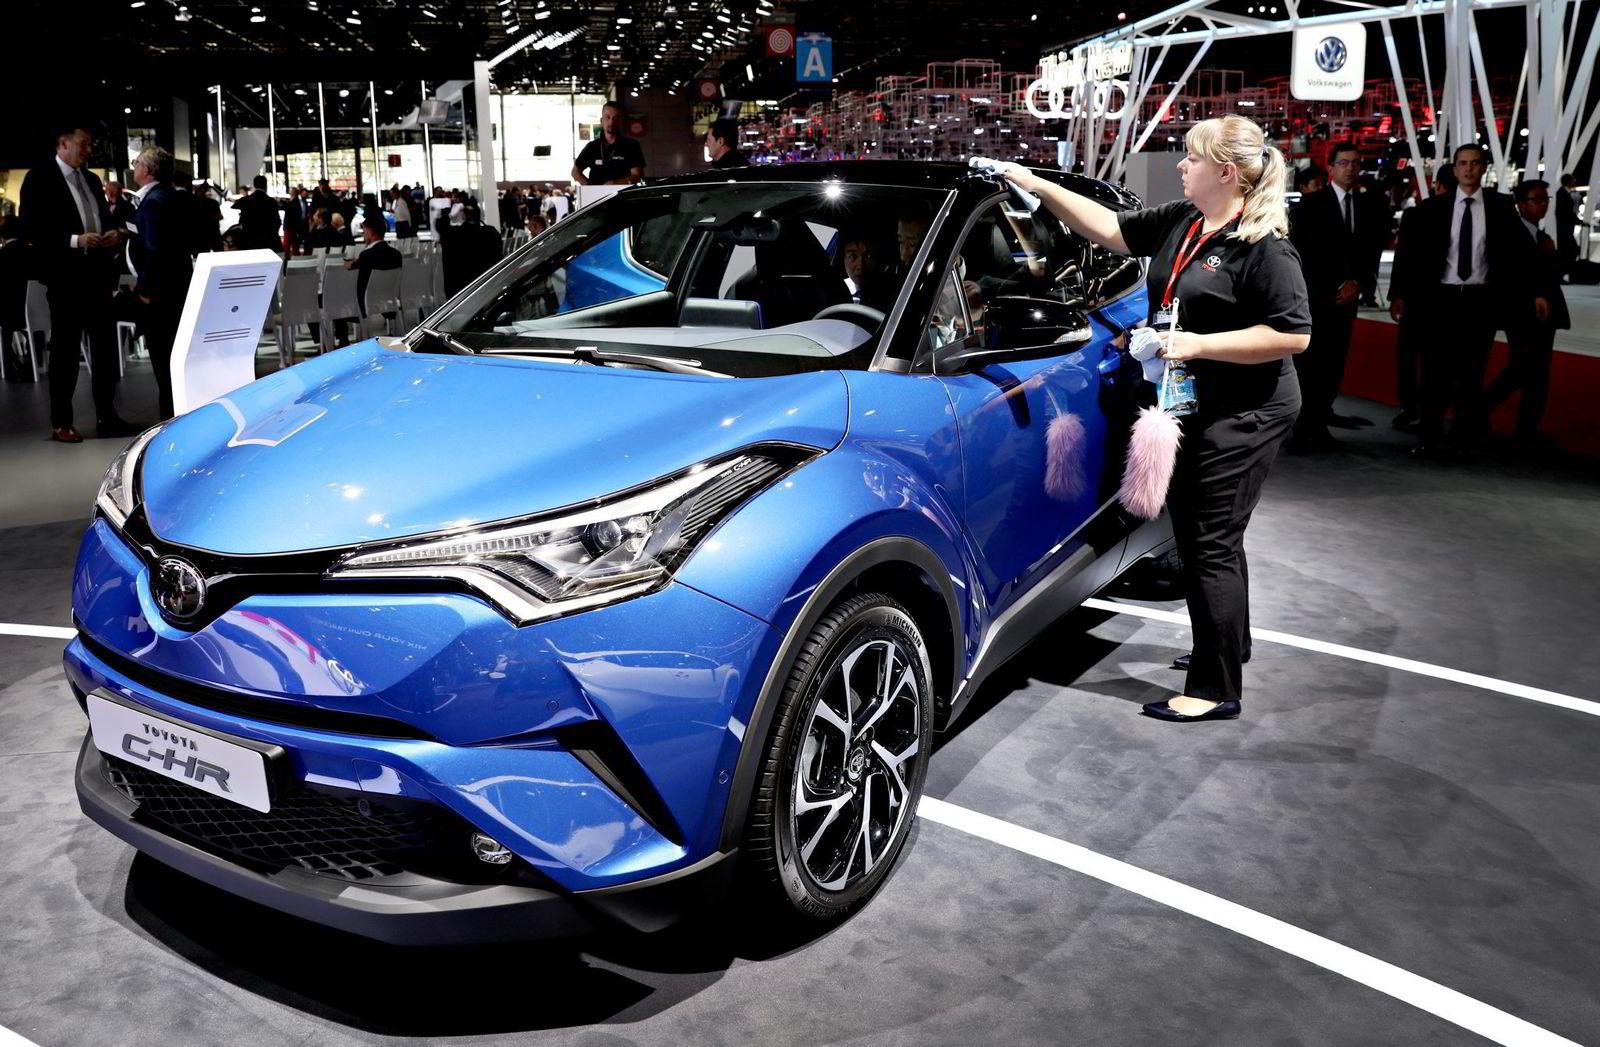 Toyota avventer å lage en ren elbil. Men satser videre på hybrid- og hydrogenløsninger. Hybridcrossoveren CHR lanseres i januar, prisene er klare 1. november.